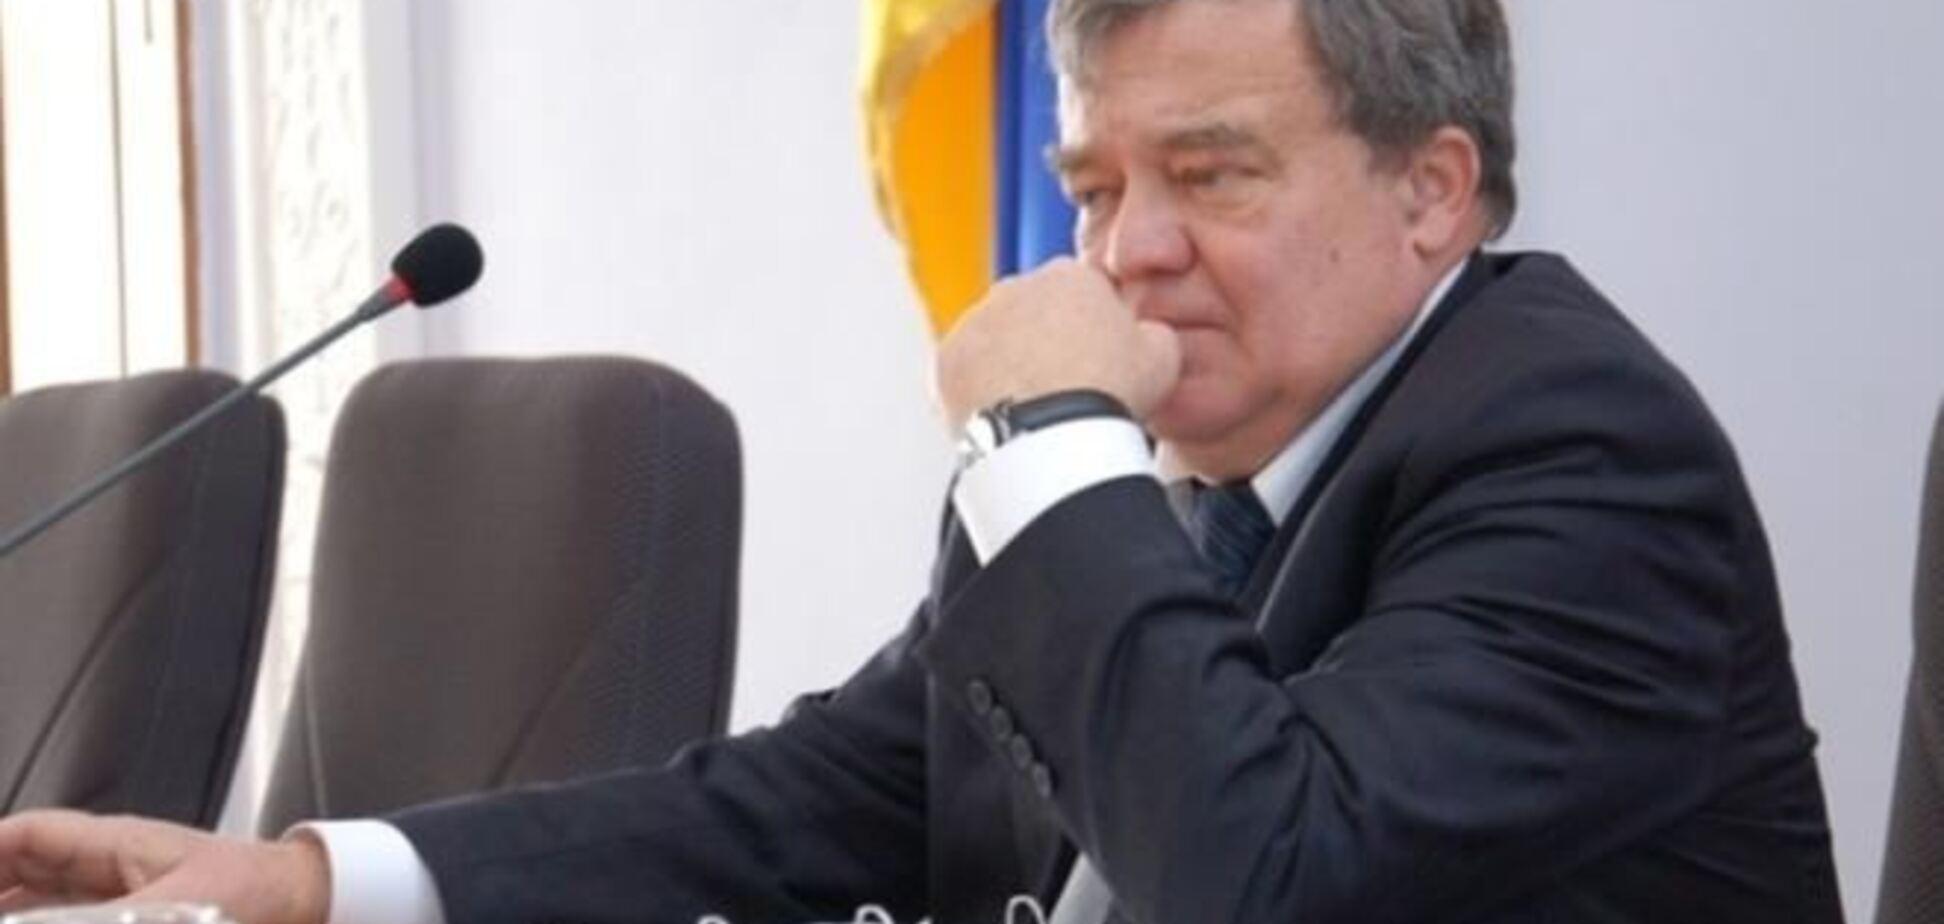 Тимчасовий мер Миколаєва помер відразу після уколу в лікарні - ЗМІ